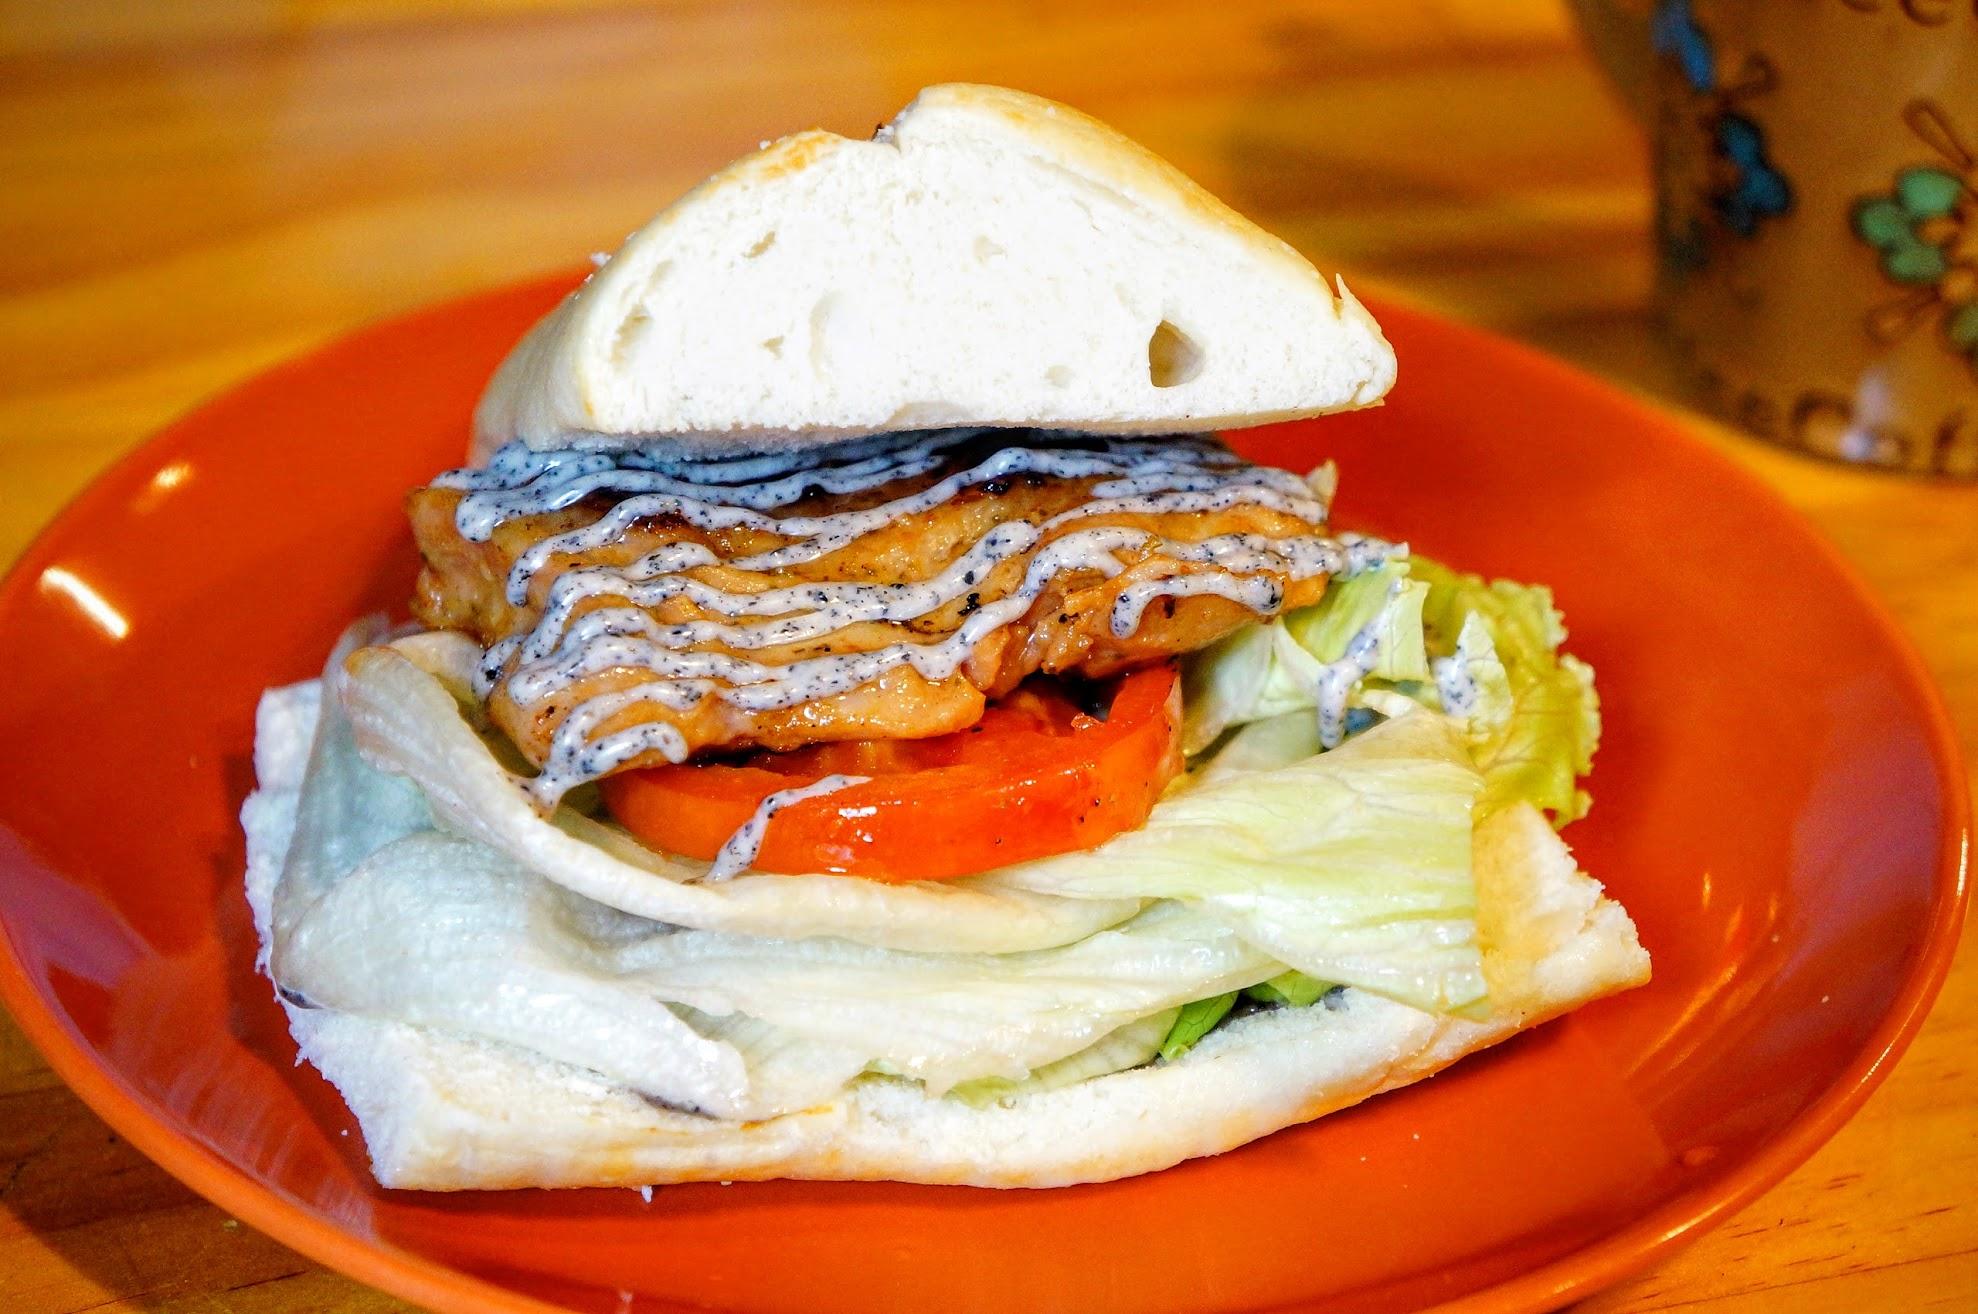 地中海香嫩雞排堡,中間雞排上方有淋上芝麻沙拉醬,底下則是新鮮番茄切片和生菜